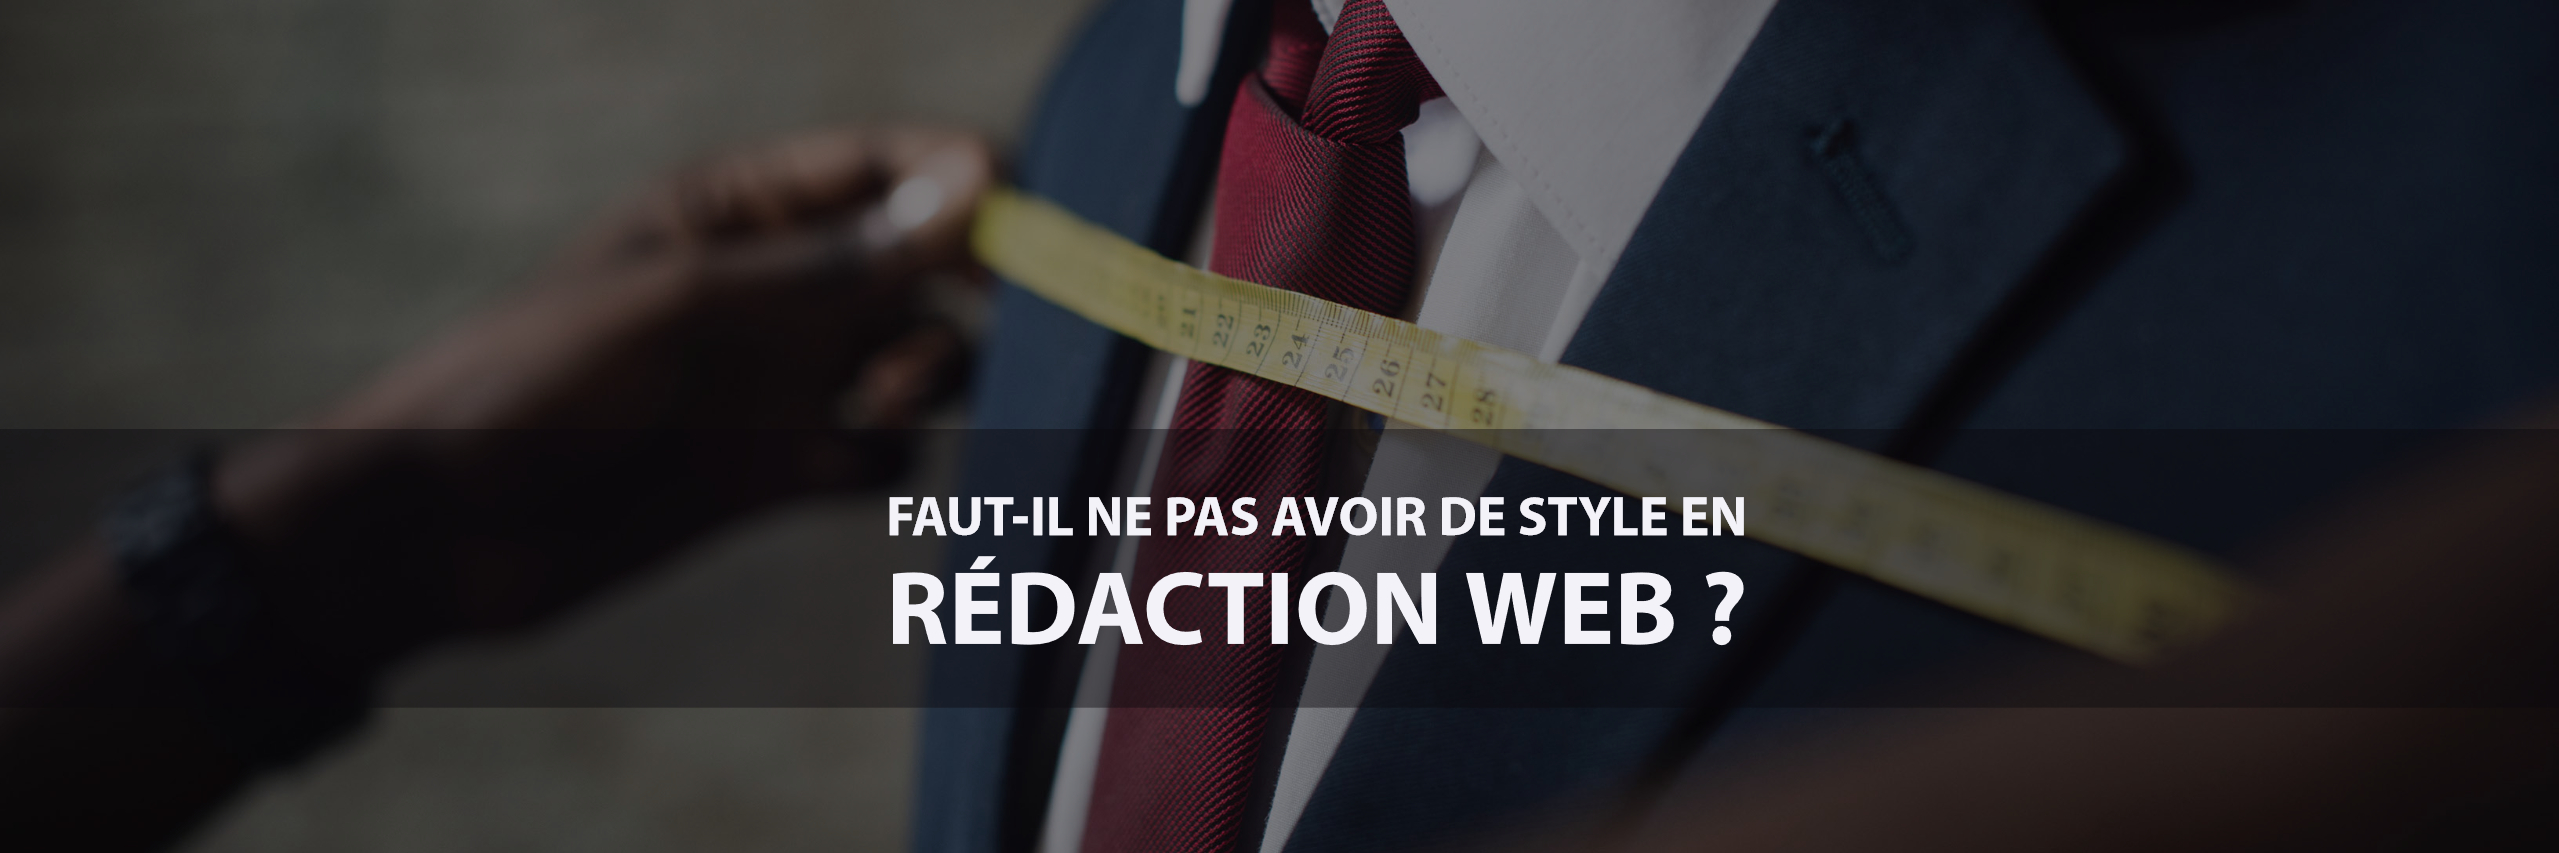 Faut-il avoir un style en rédaction web ?